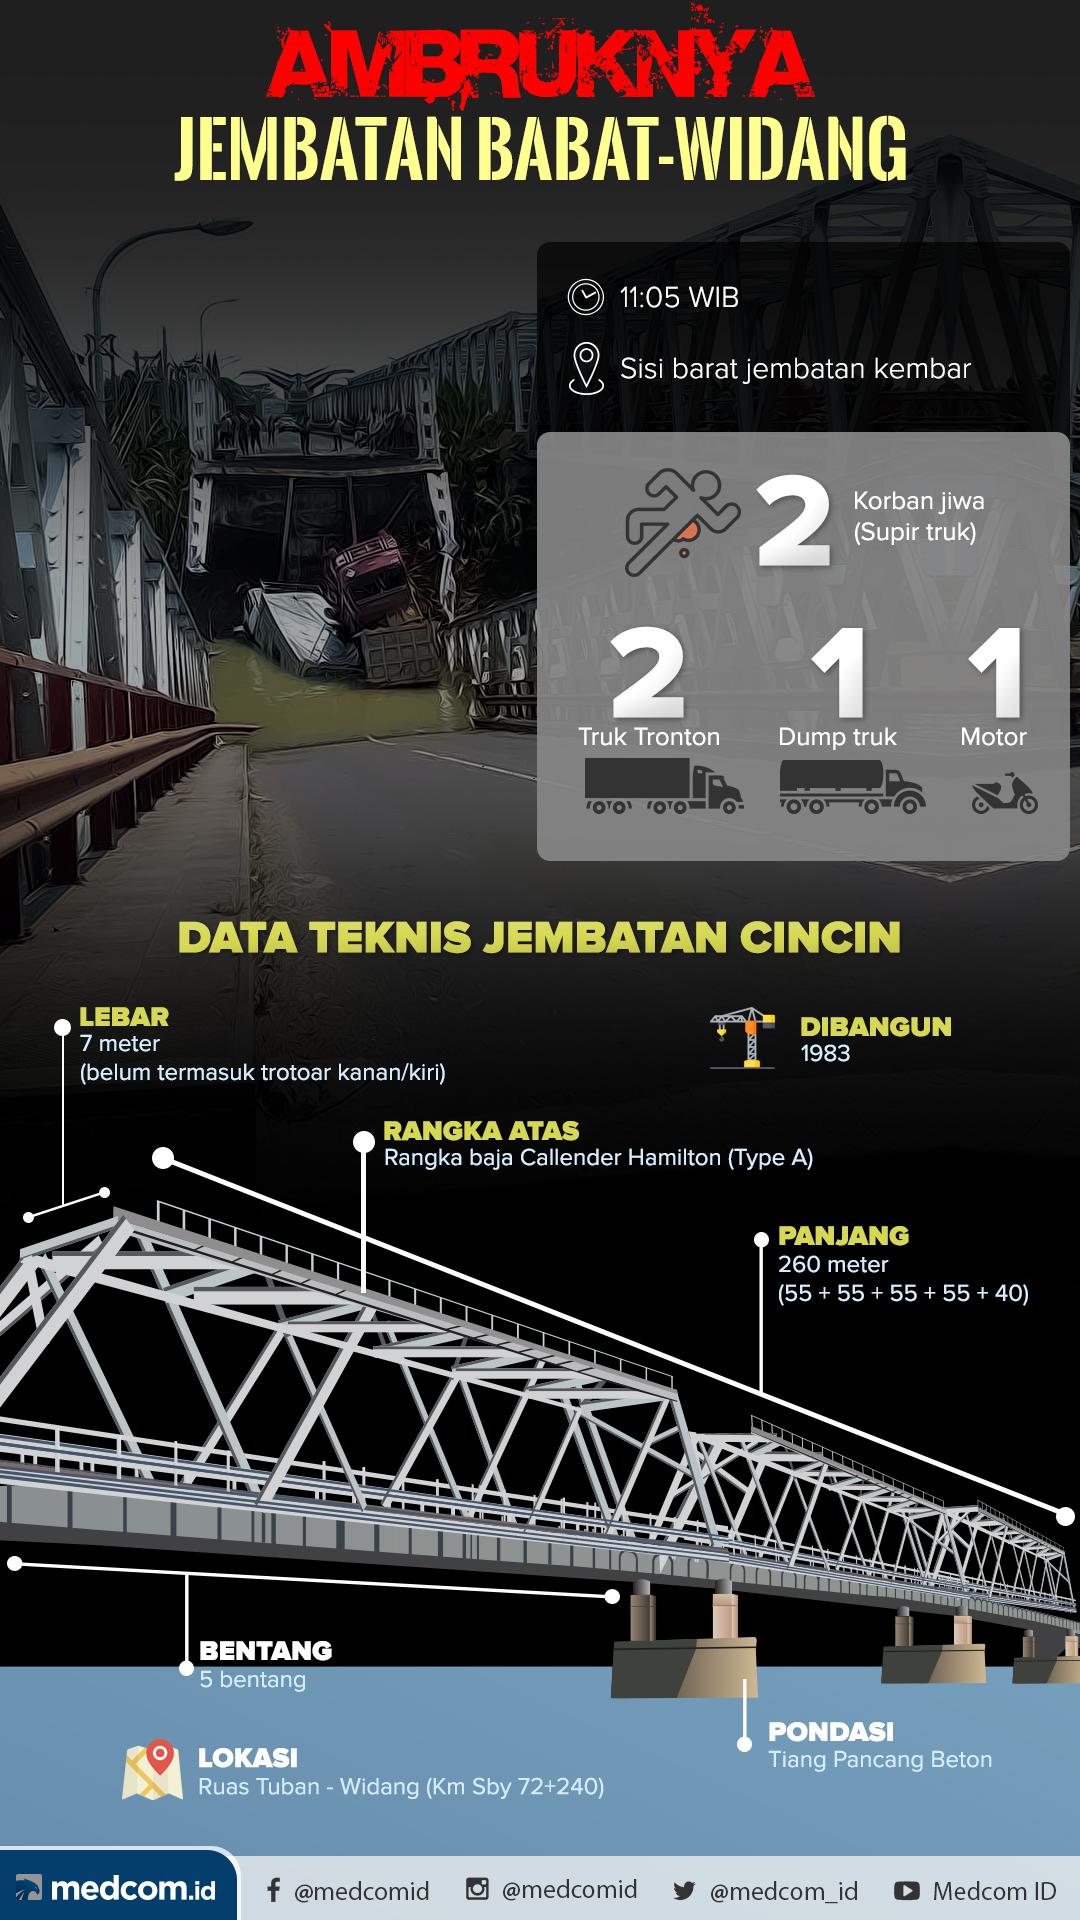 Ambruknya Jembatan Babat-Widang